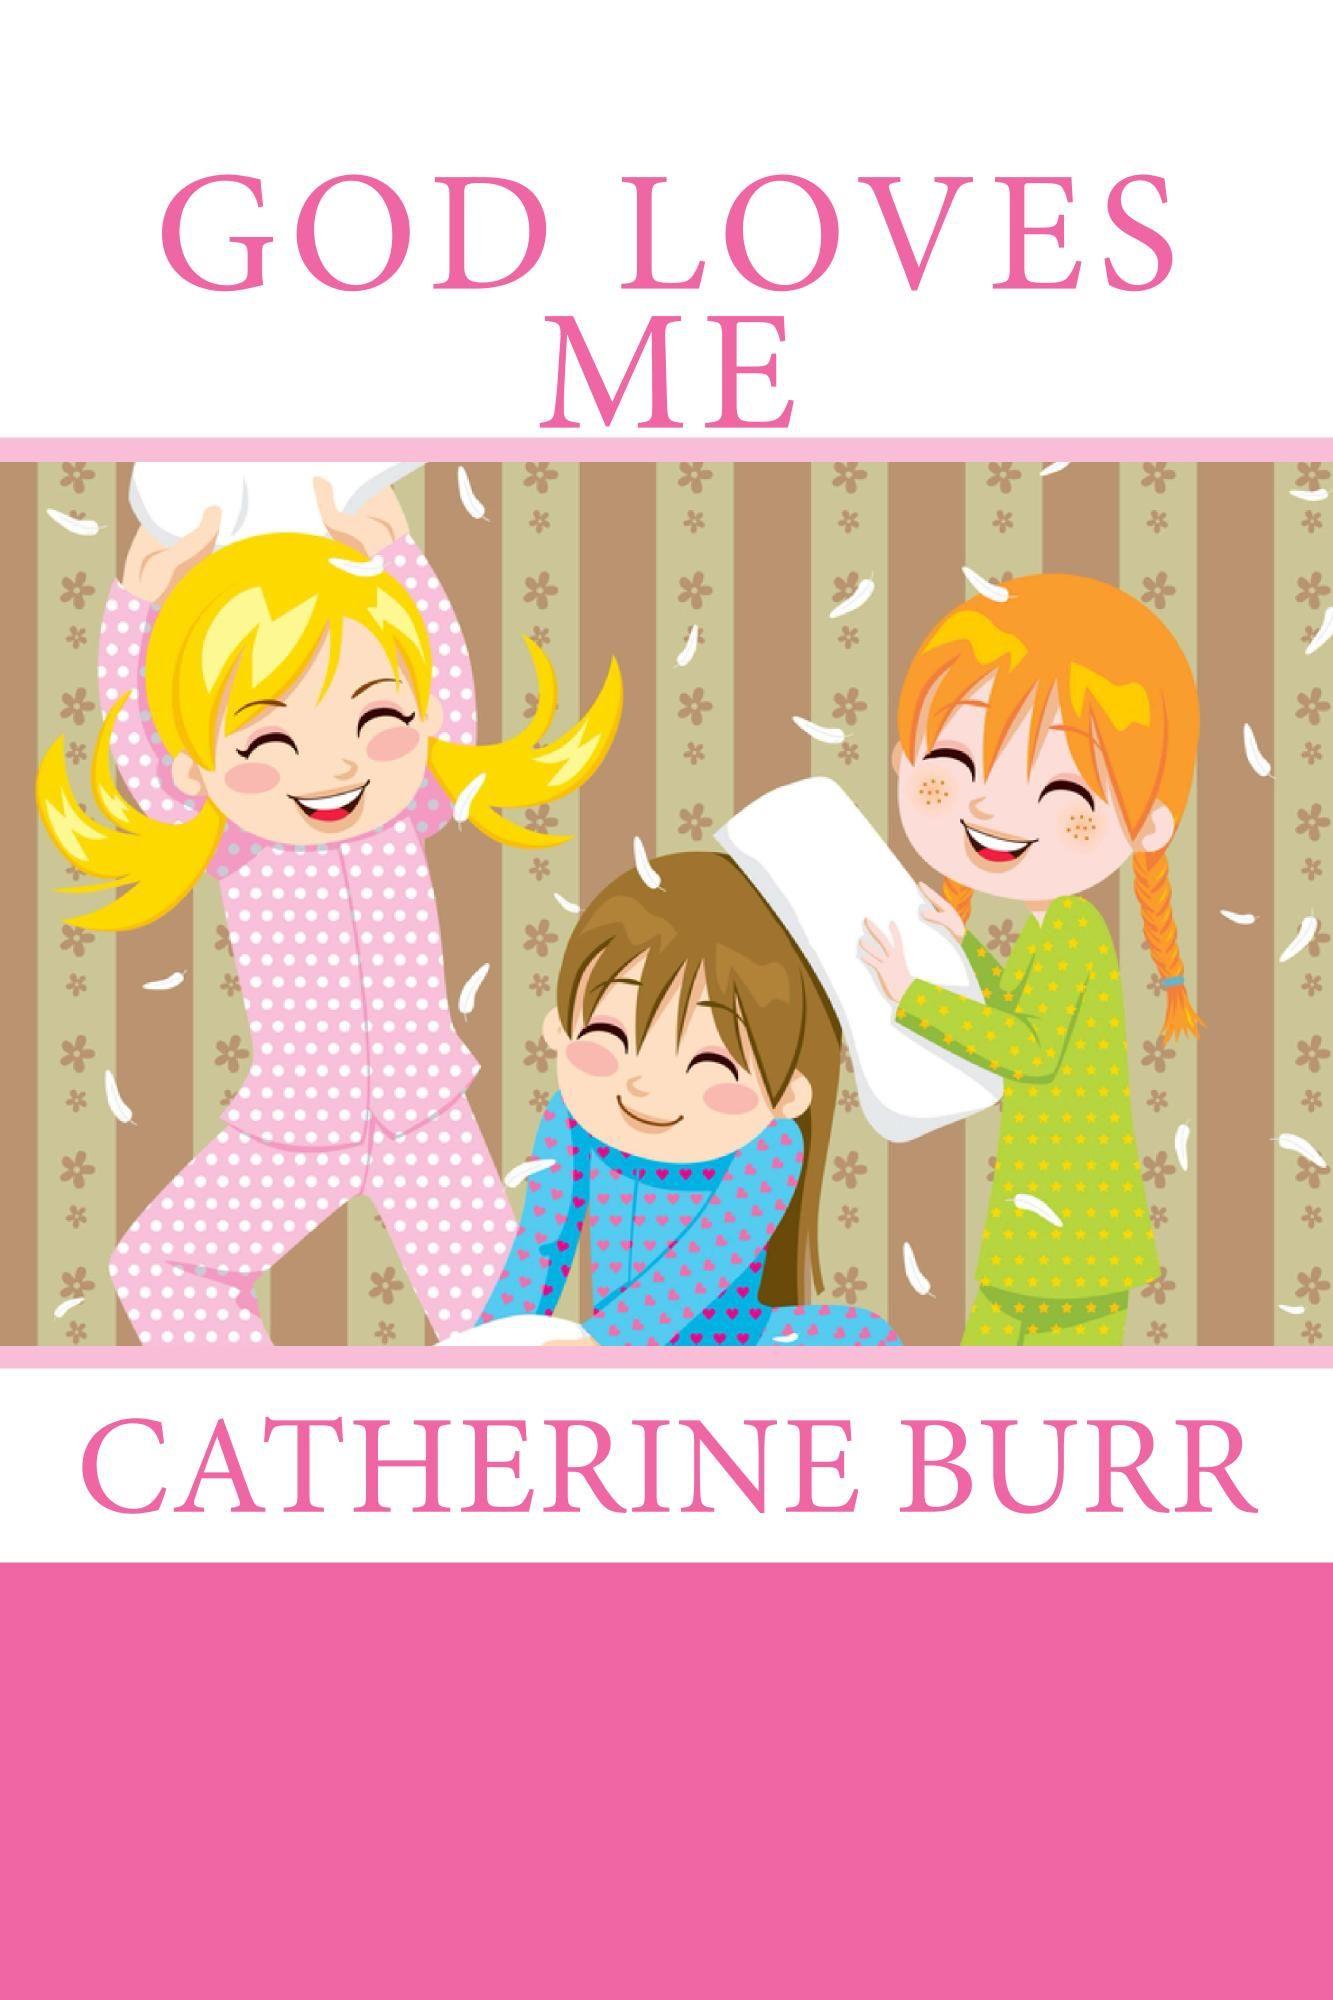 God Loves Me, children's book